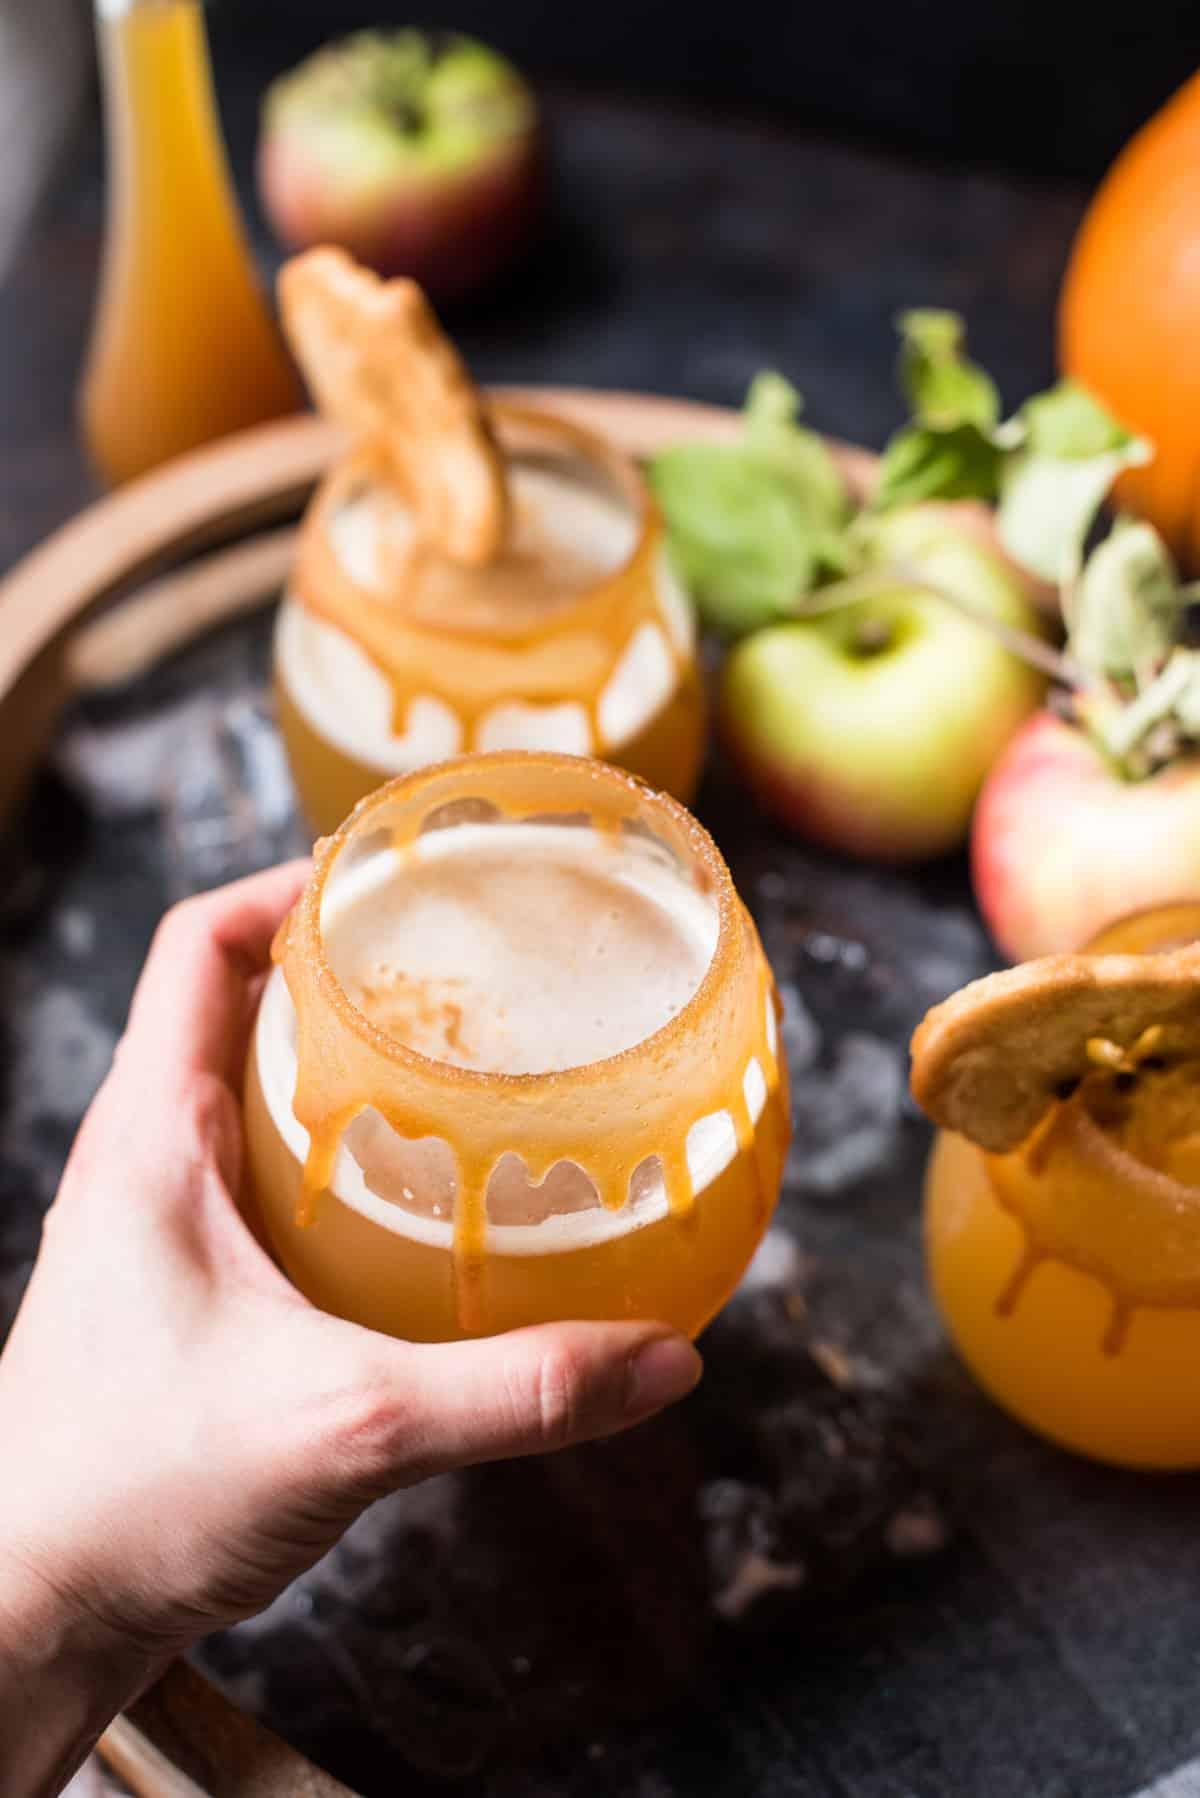 Reaching for a glass of pumpkin shandy